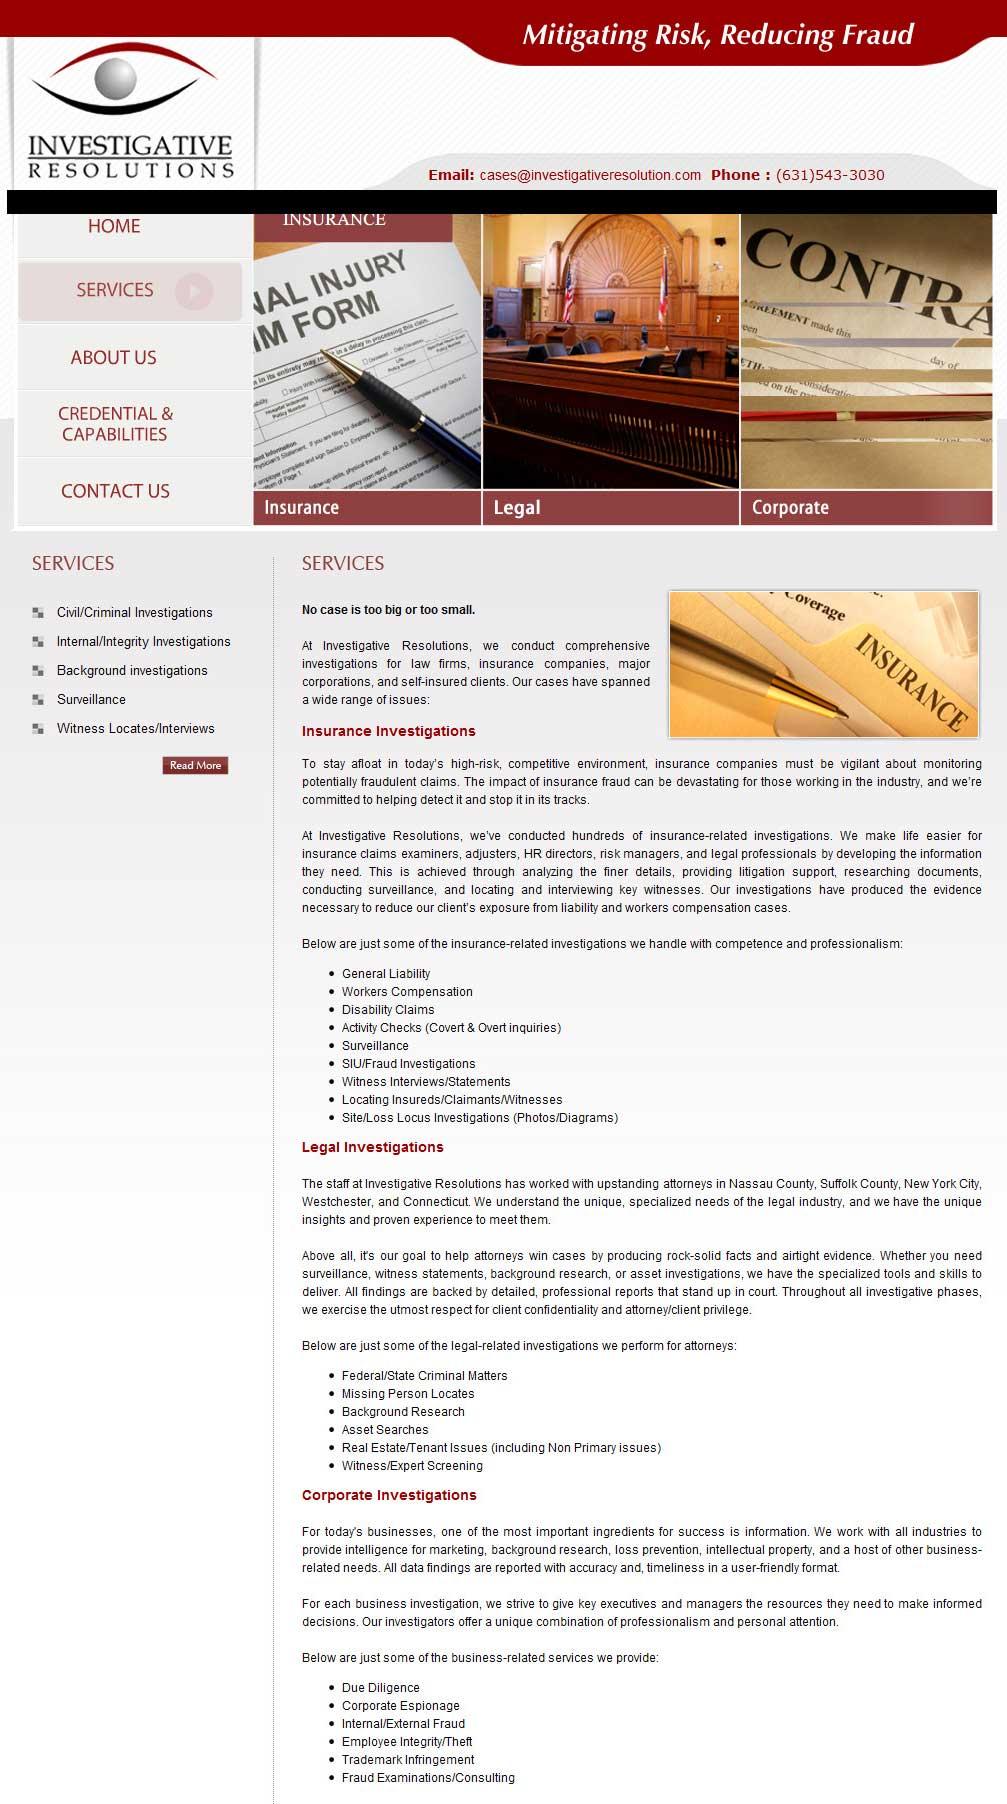 Web Content: Legal Investigations